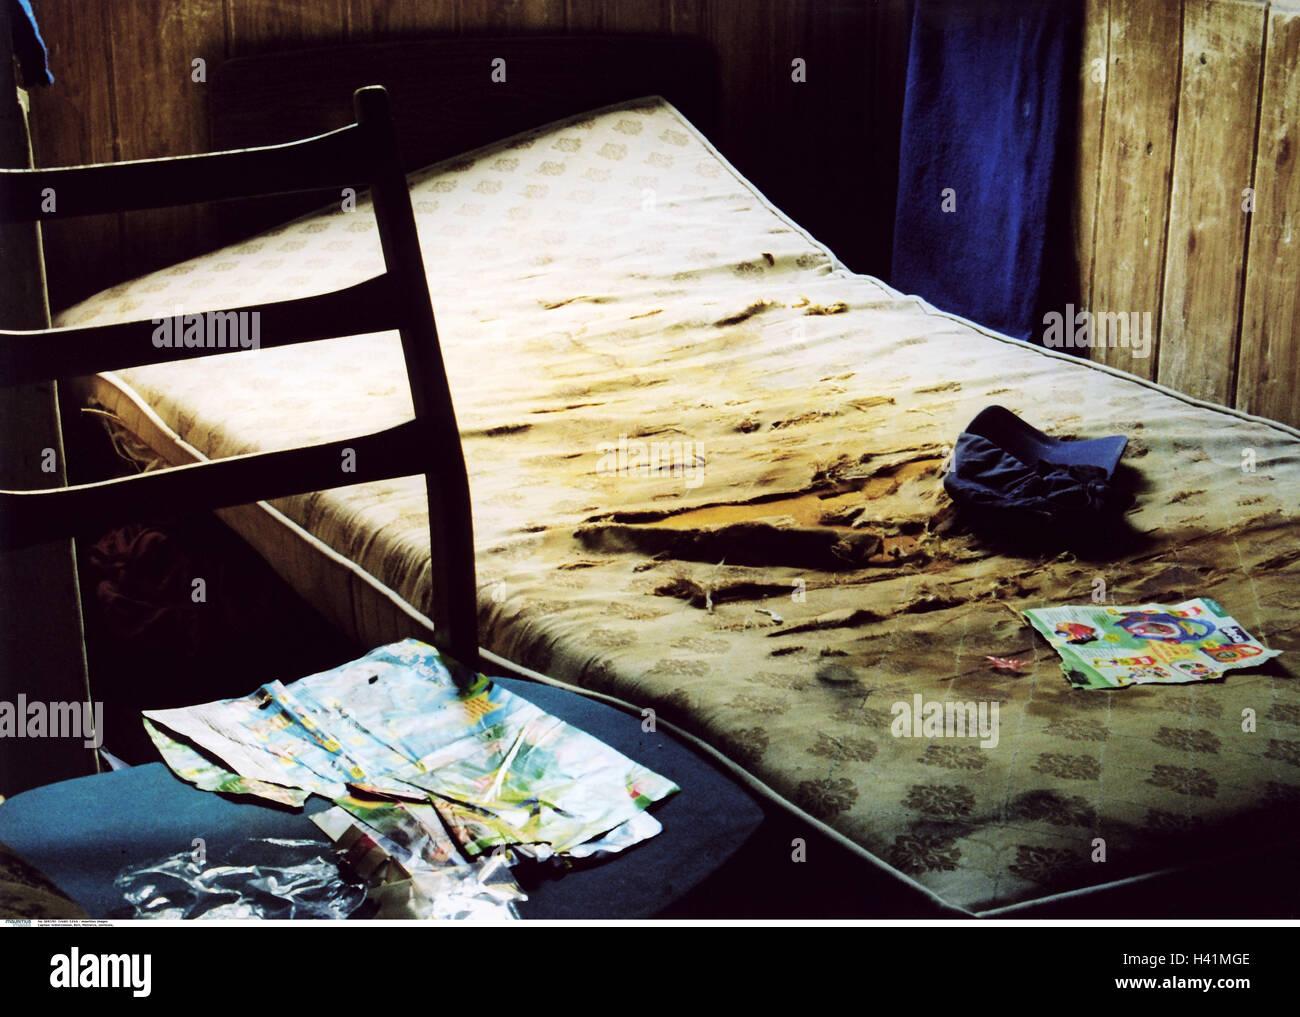 Schlafzimmer Bett Matratze Tore Chaos Detail Zimmer Innen